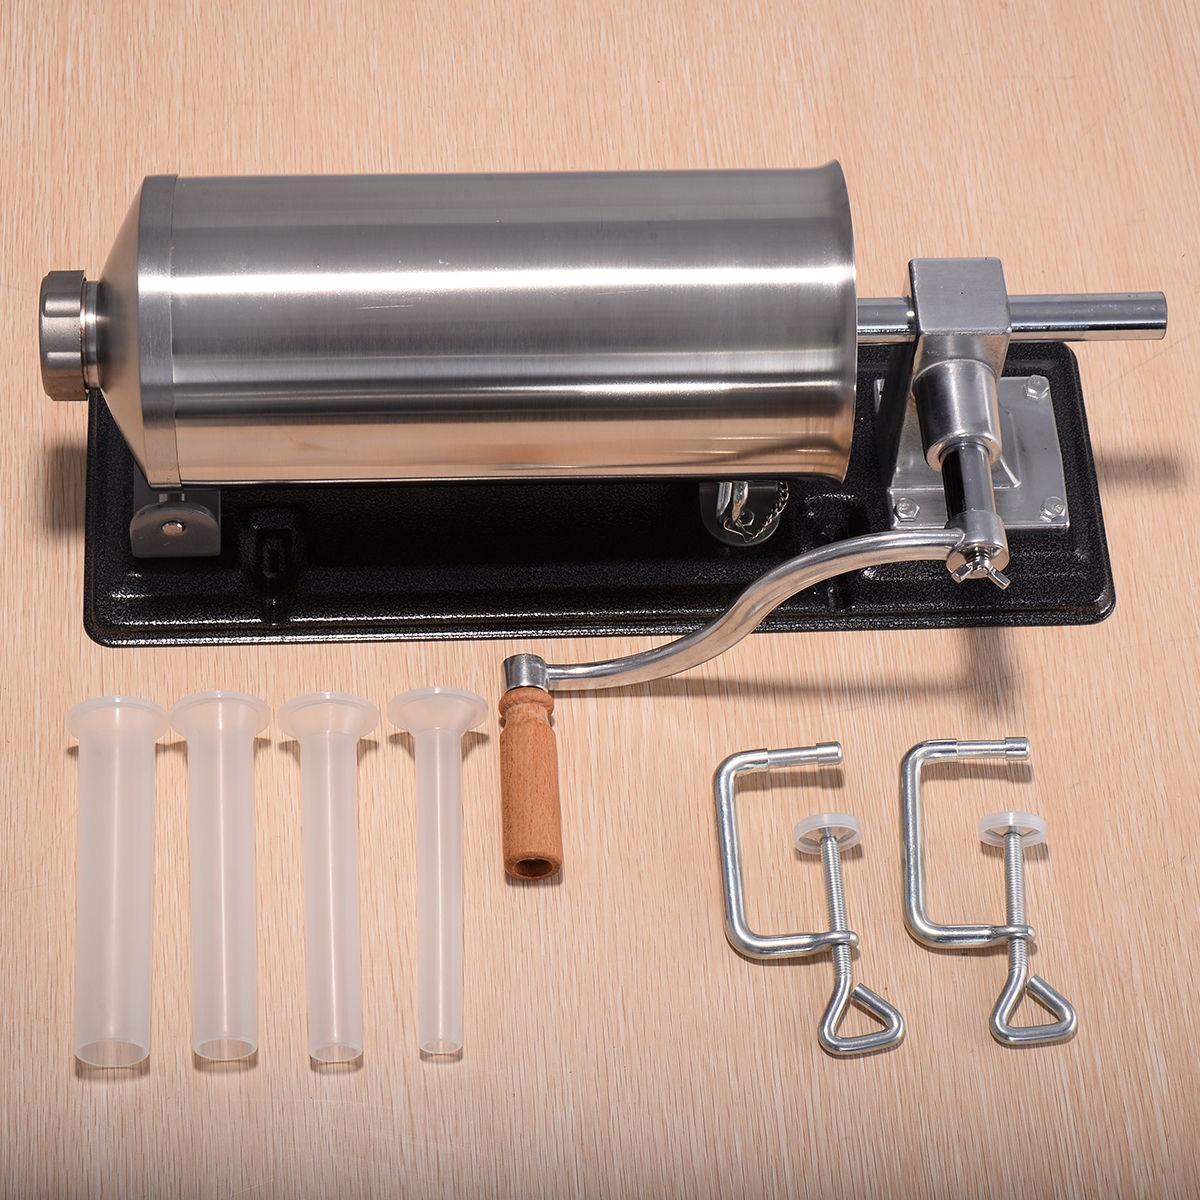 máy đùn xúc xích, lạp xưởng ngày tết - Inox 304 - 3L 6